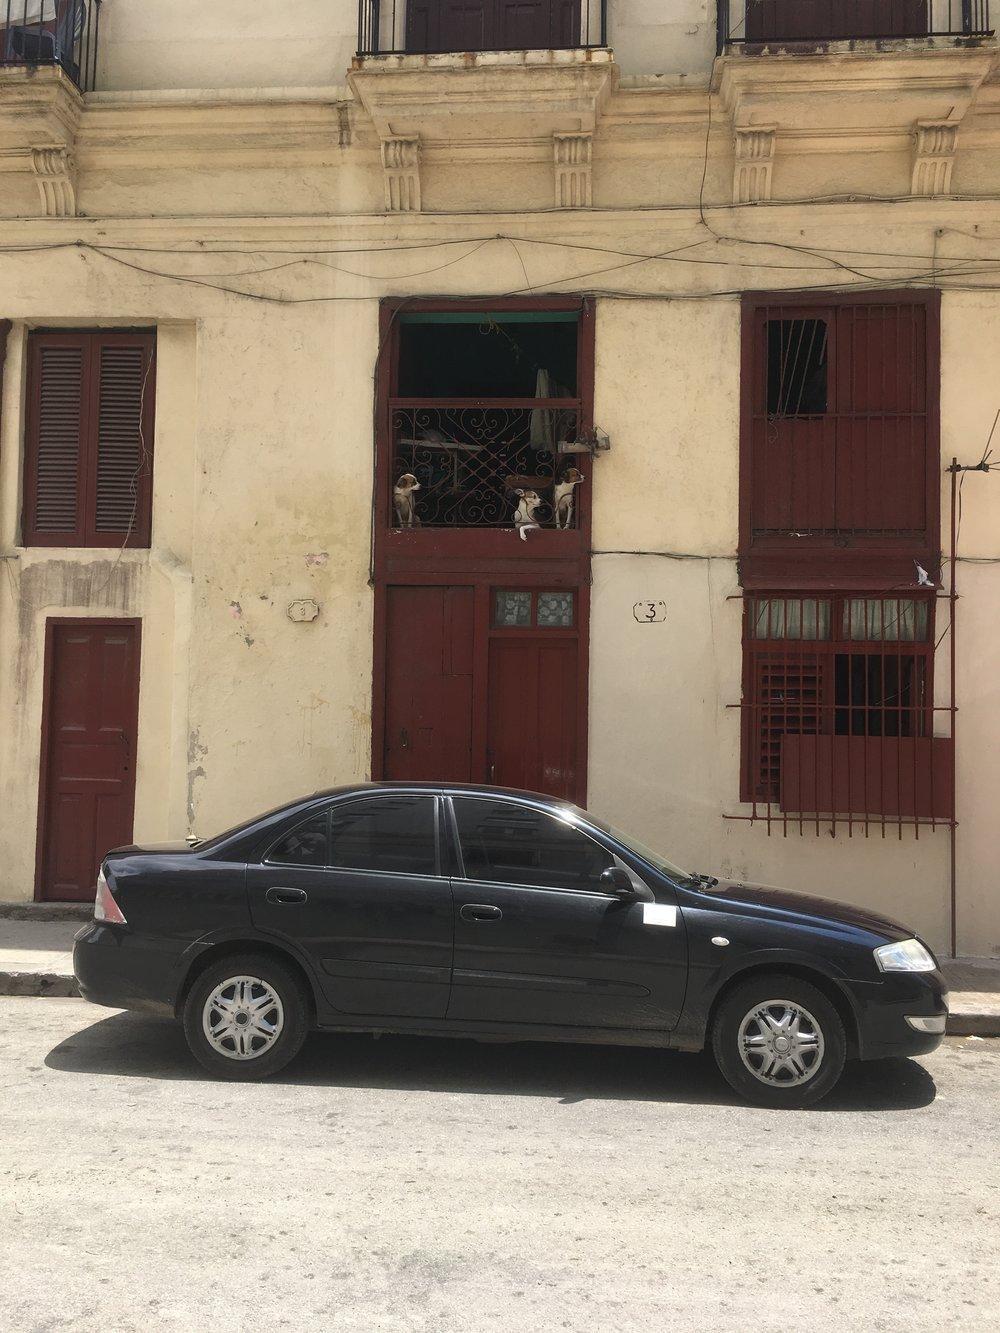 Doggies in a window